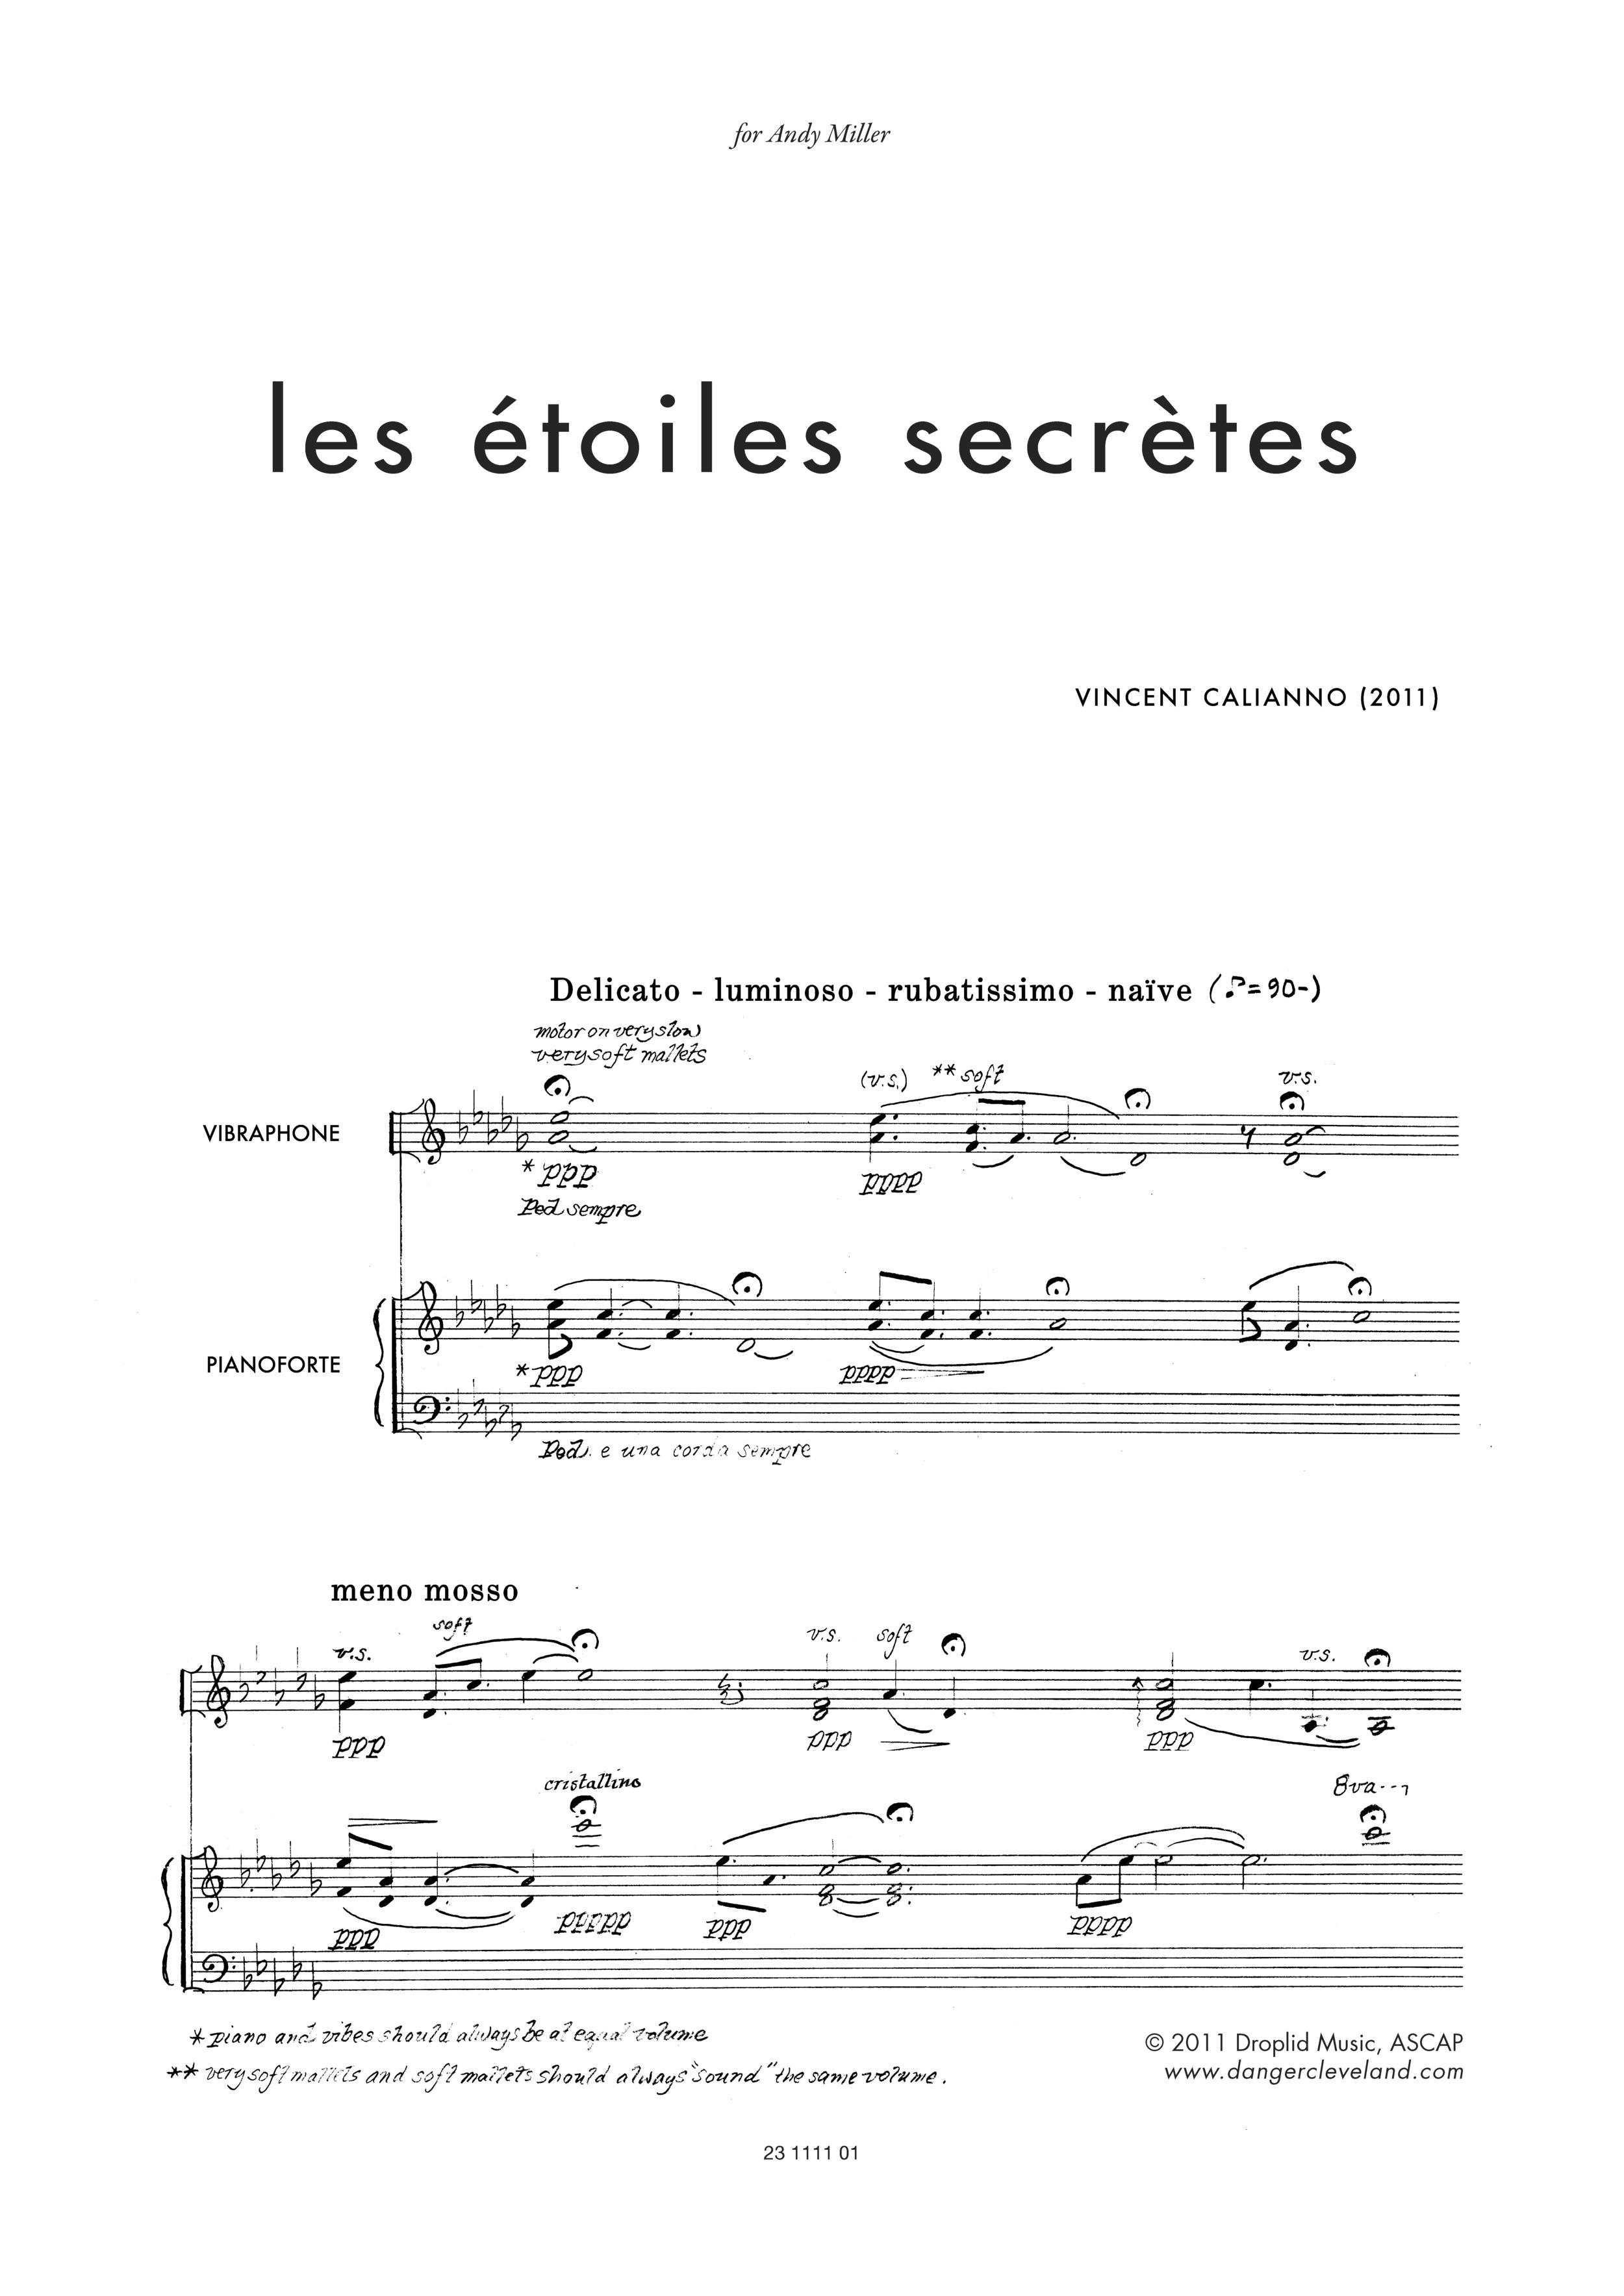 023-01 les etoiles secretes_Page_07.jpg